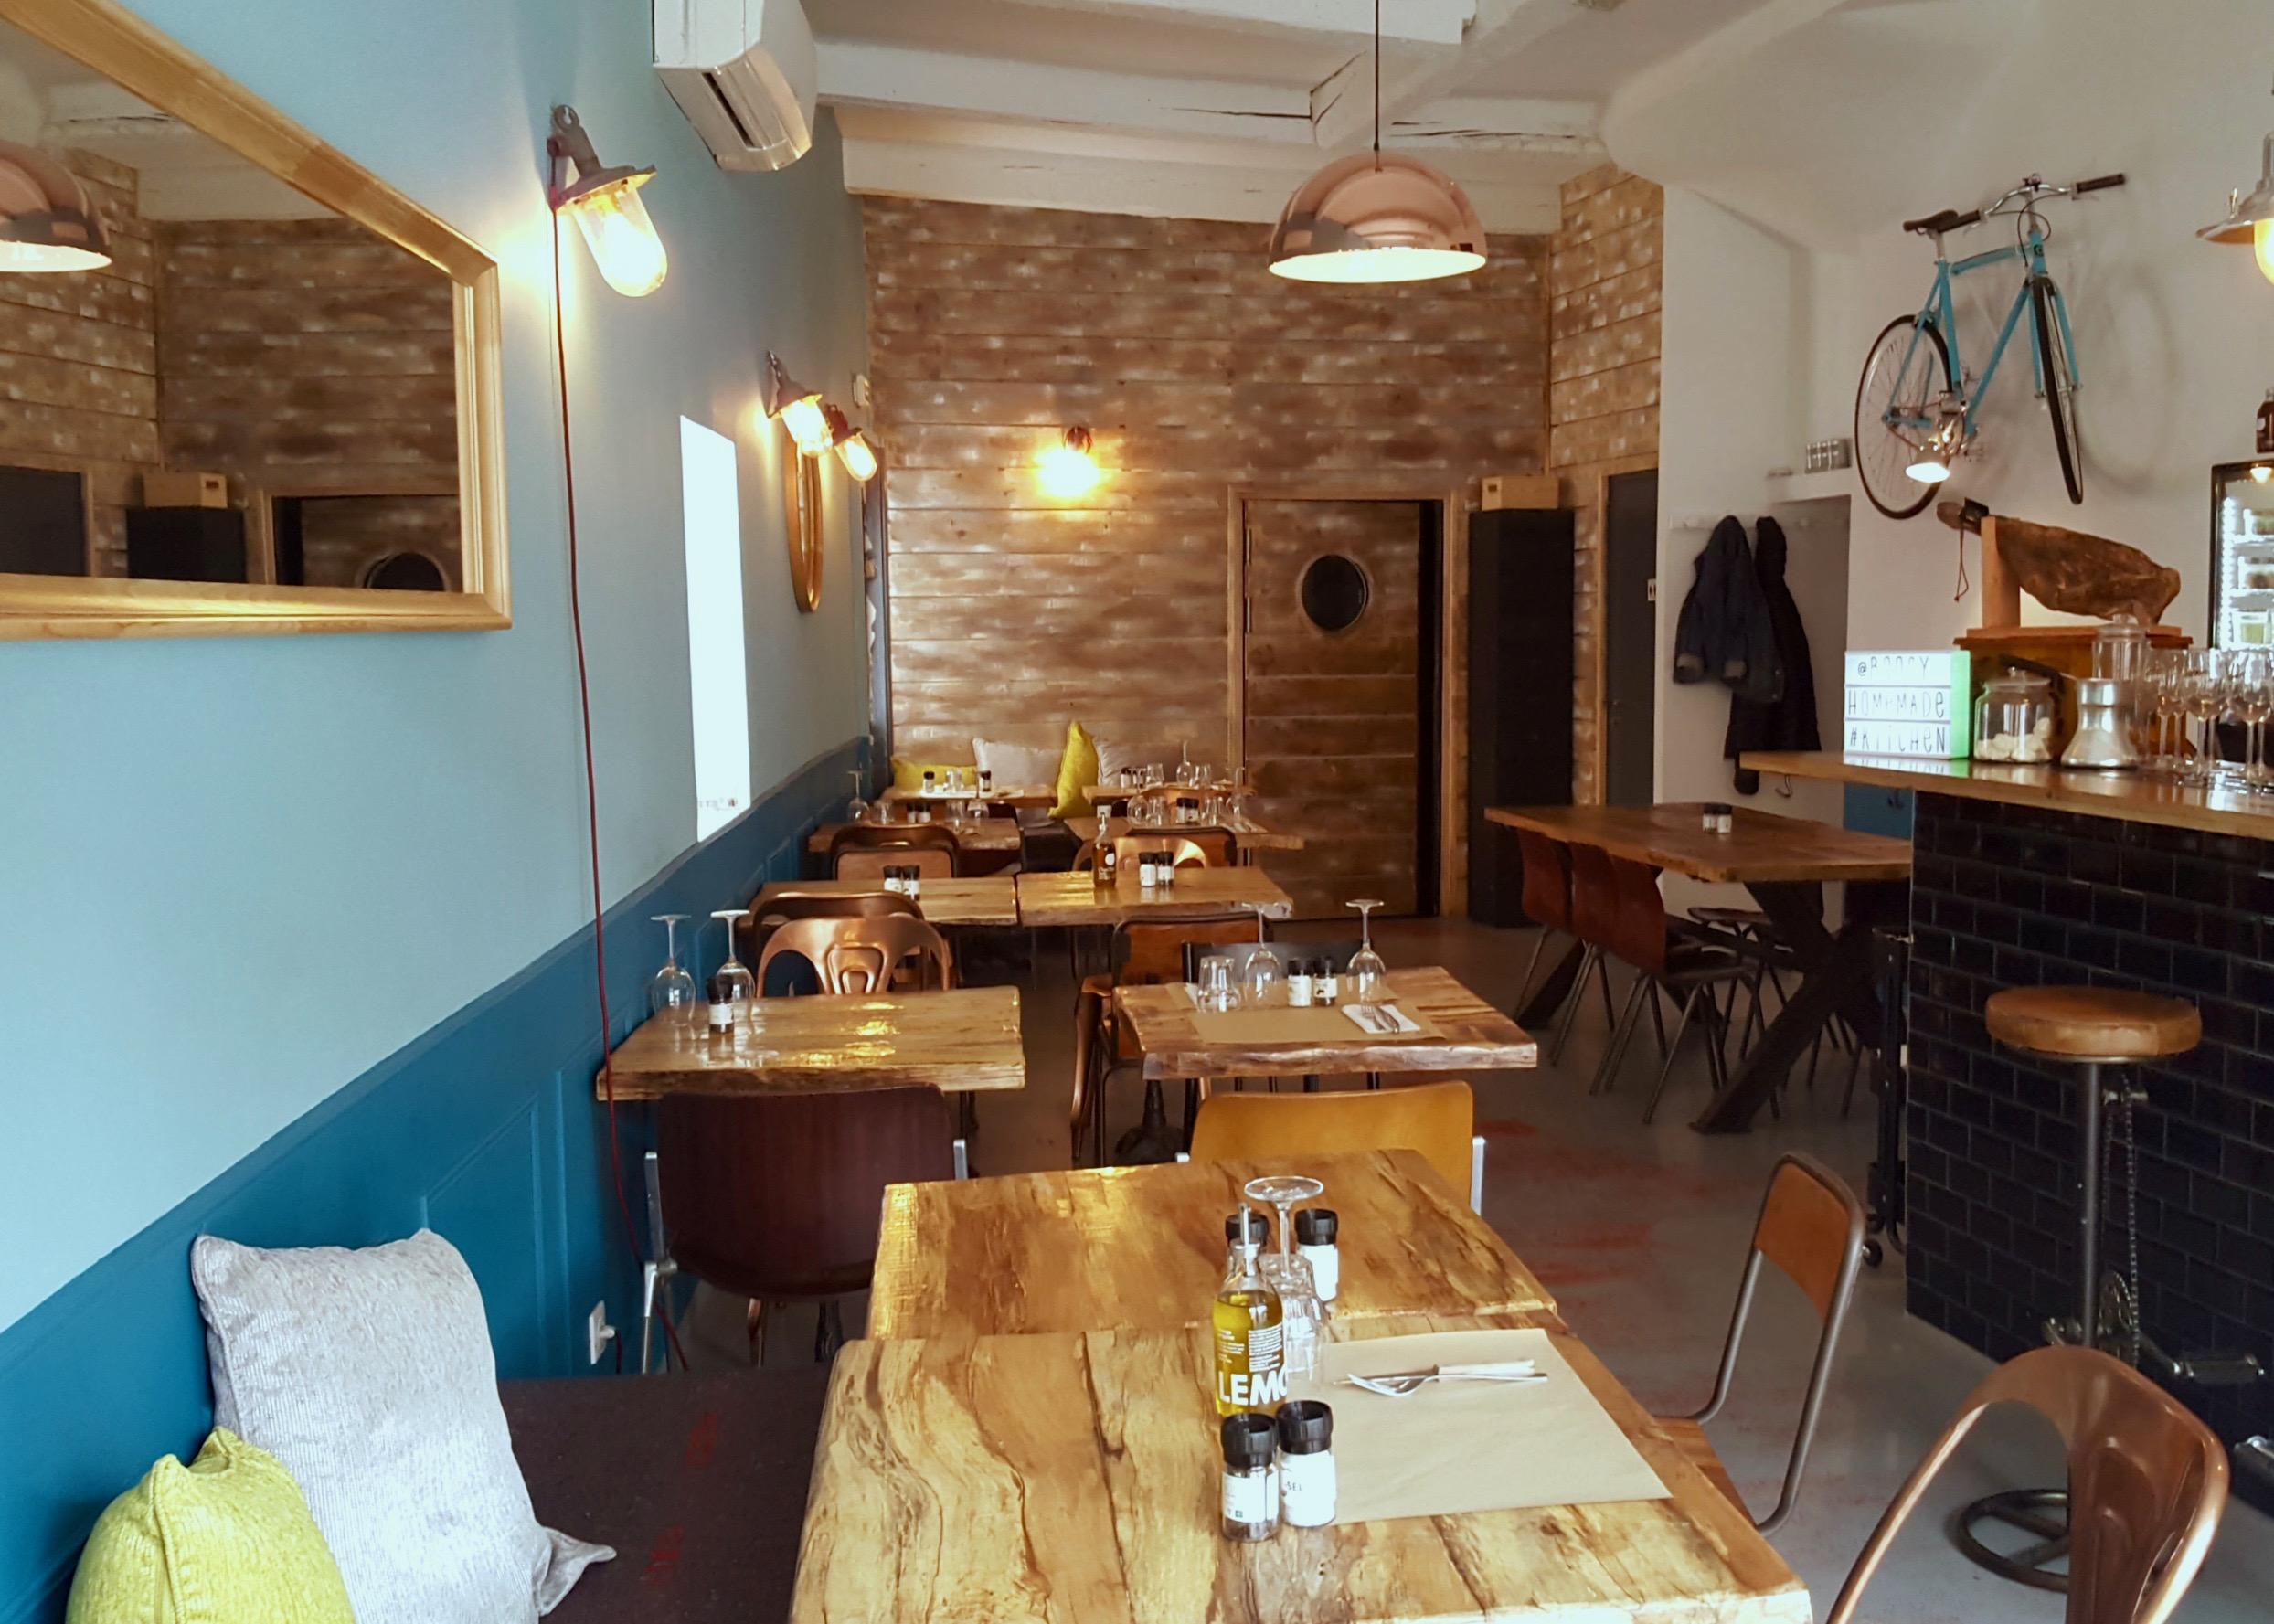 Cuisine italienne et burgers la salle manger love spots for Restaurant salle a manger